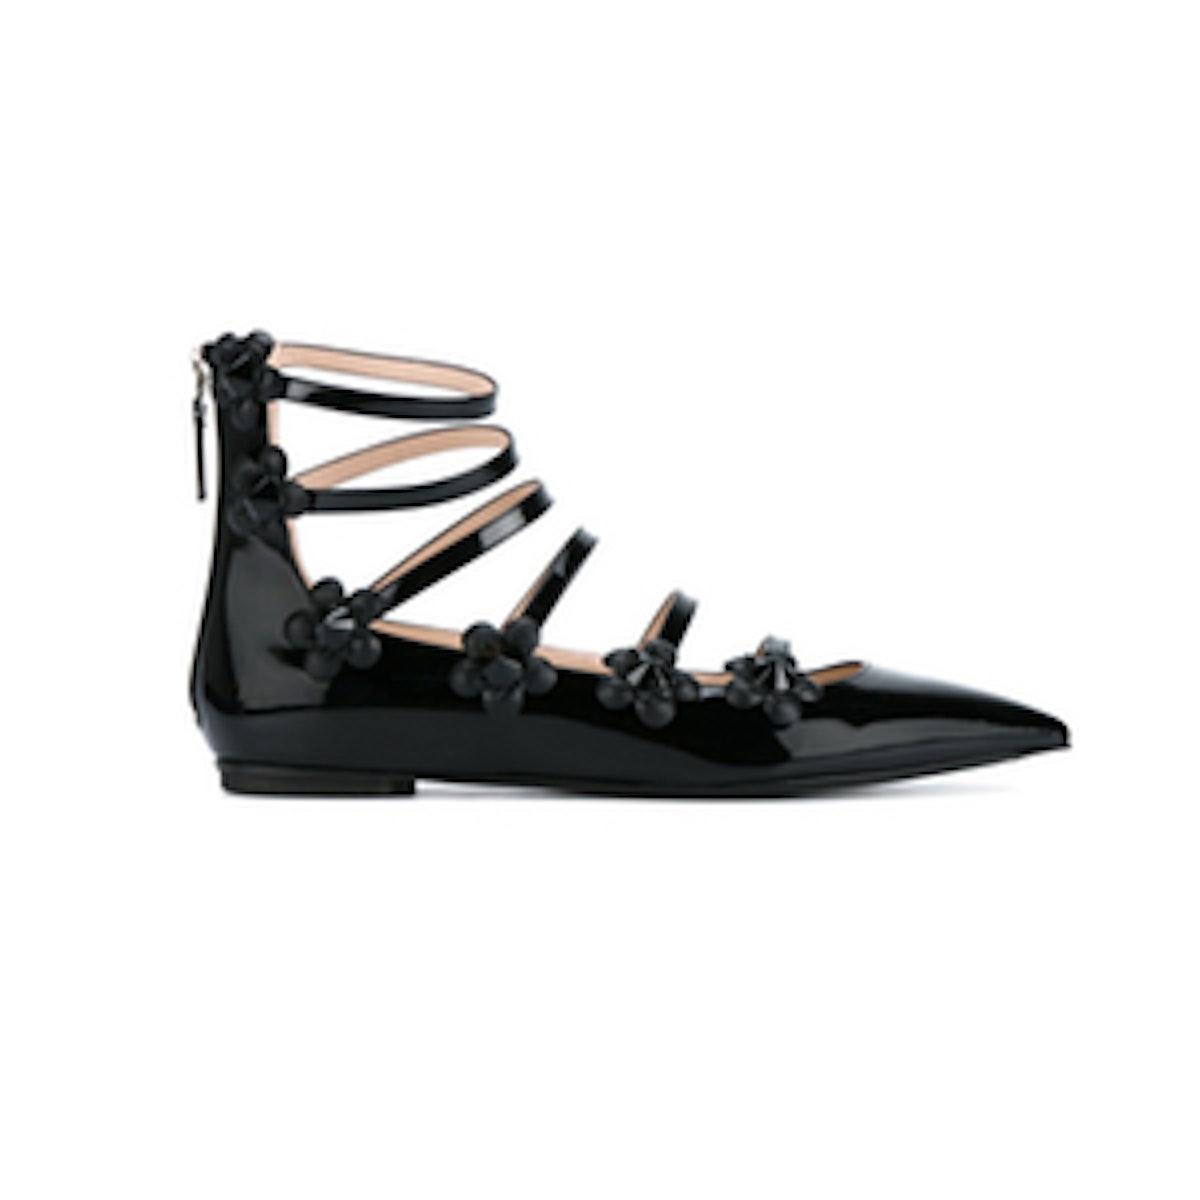 Fendi Black Flower Patent Leather Ballet Pumps